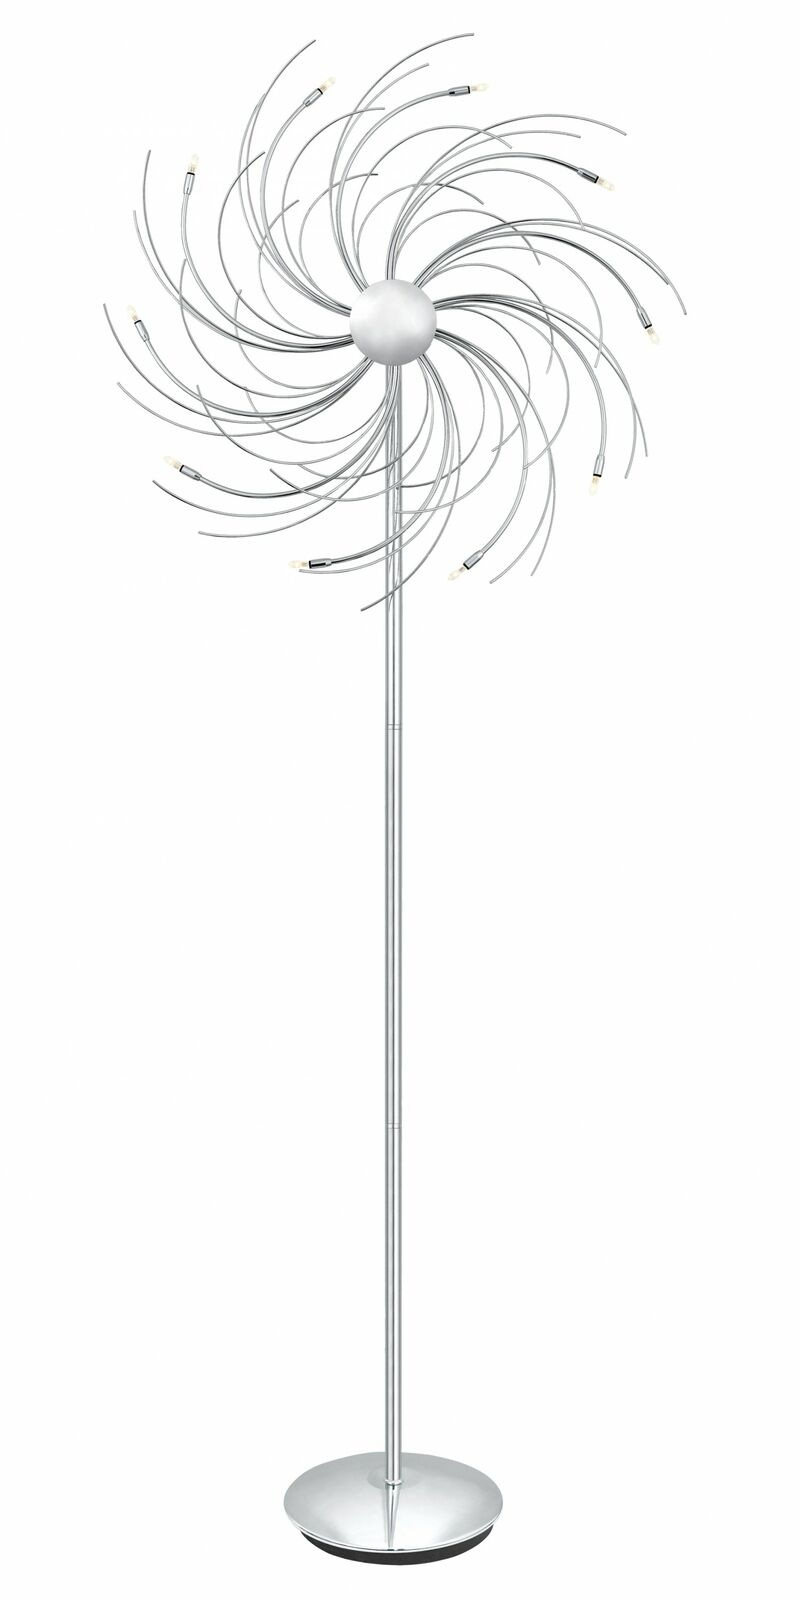 Stehleuchte Spinning 10 Flg. Fußtrittschalter Halogen G4 Chrom Höhe 169cm